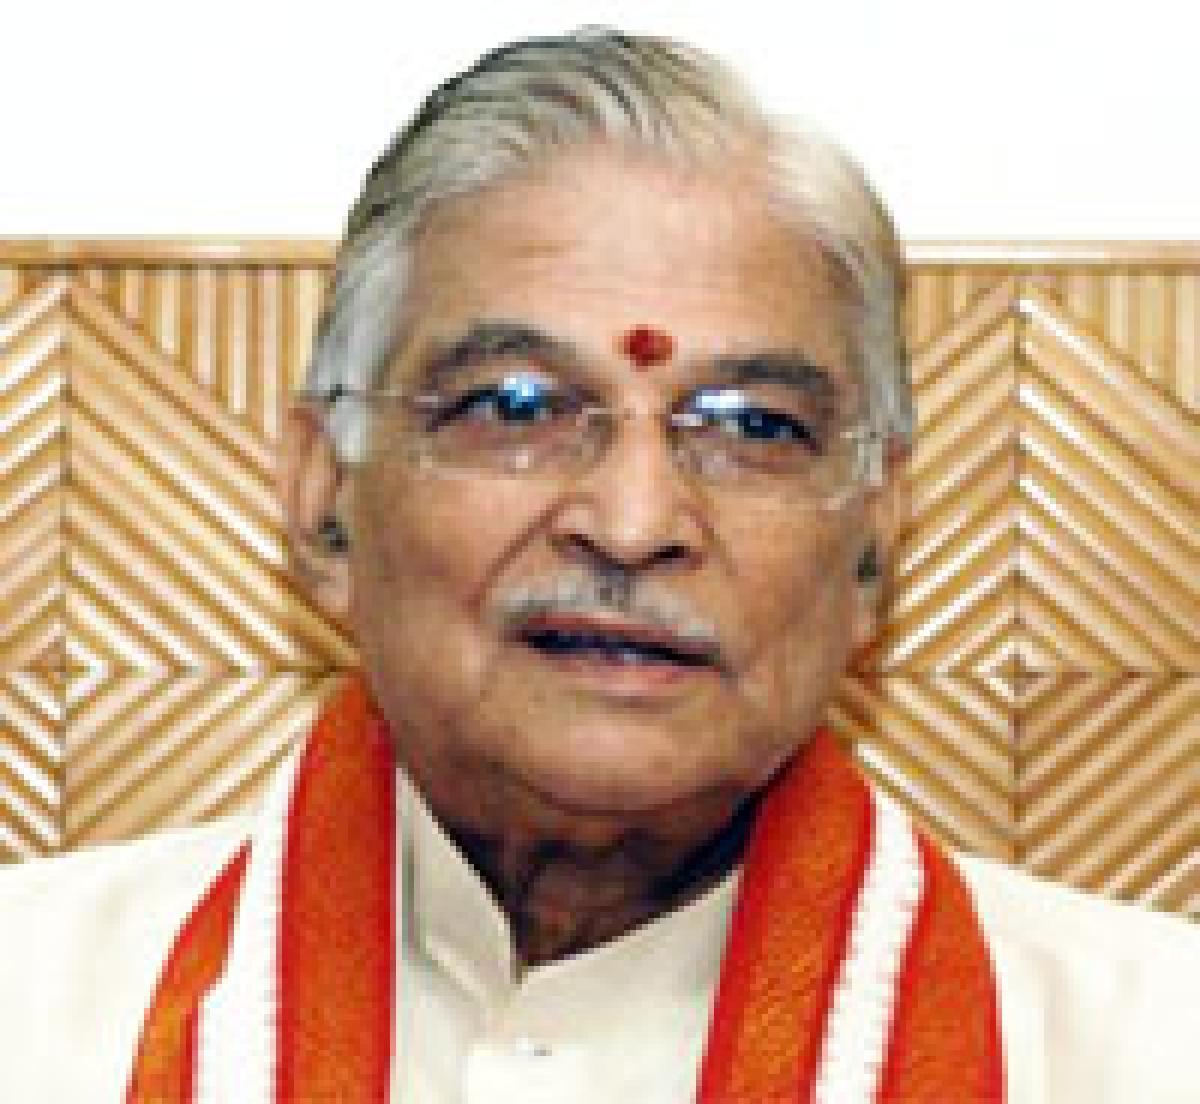 Lokmanthan: Gobalisation has promoted terrorism, says MM Joshi